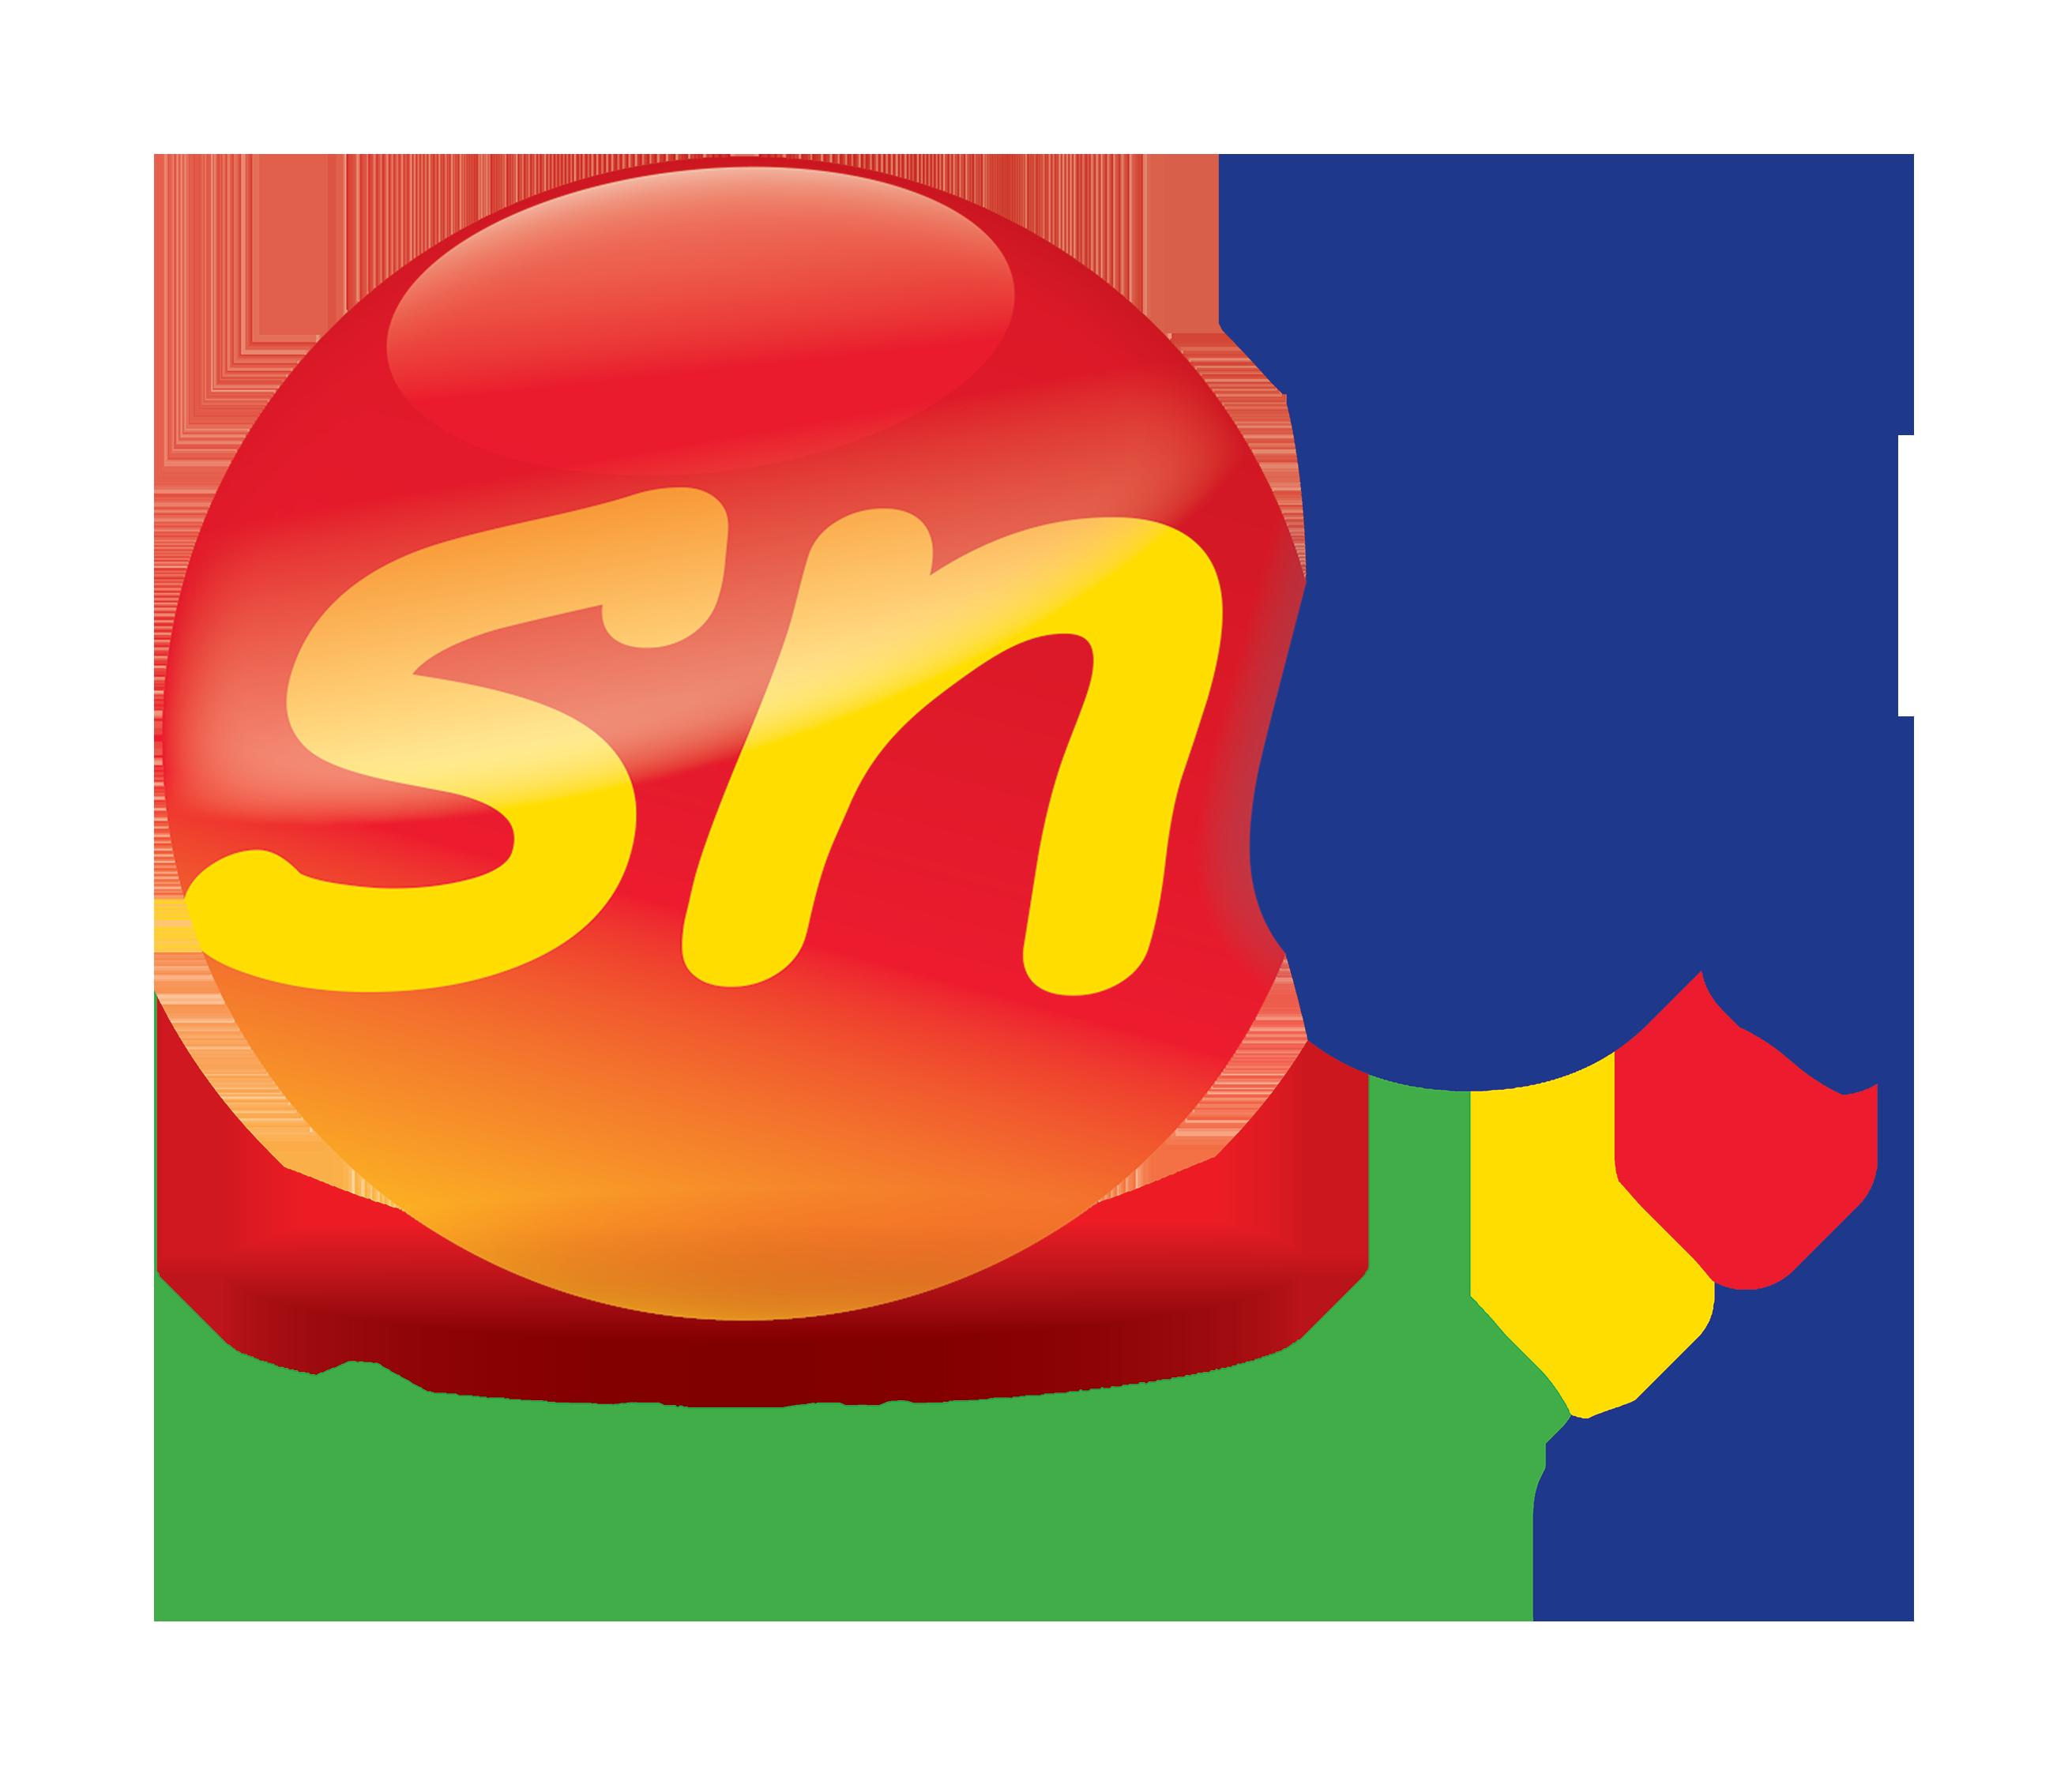 ea77d0341cf Bienvenue sur le site du SNU Pôle emploi consacré à la Bourse d échanges d  emplois.